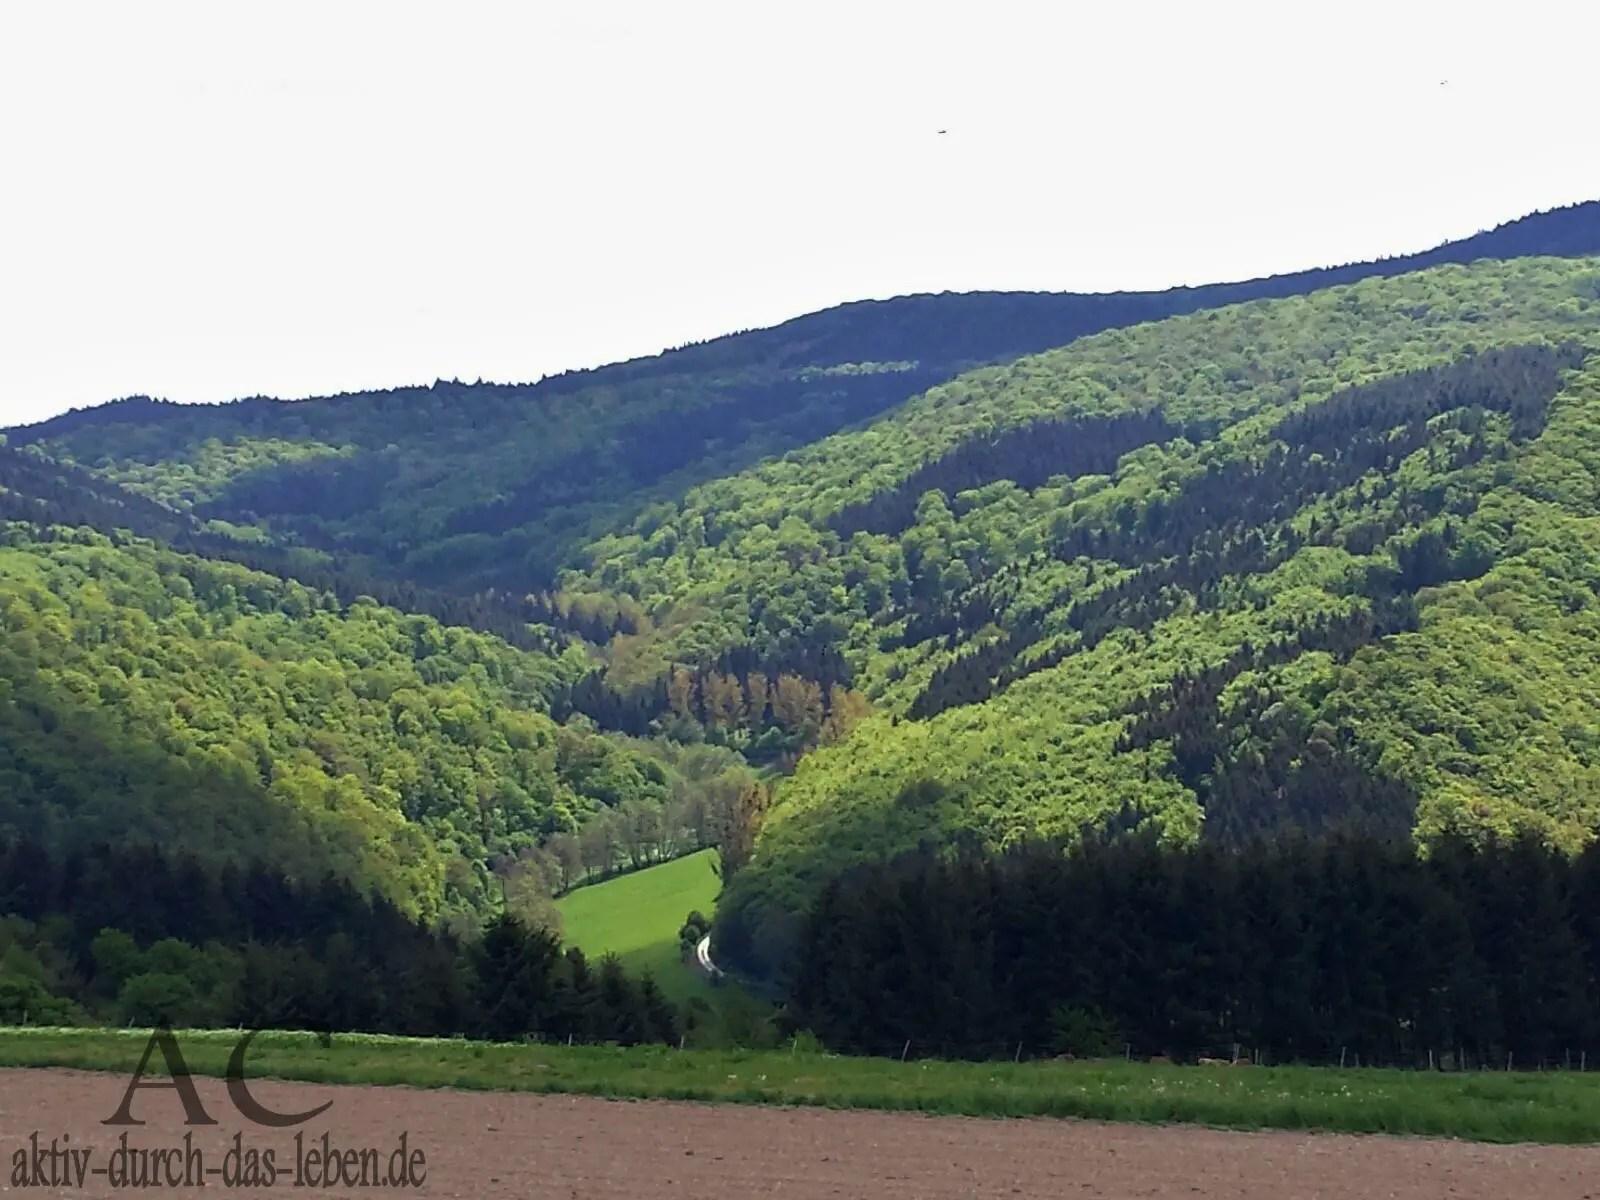 Tolle Landschaft rechtsrheinisch auf der Hinfahrt